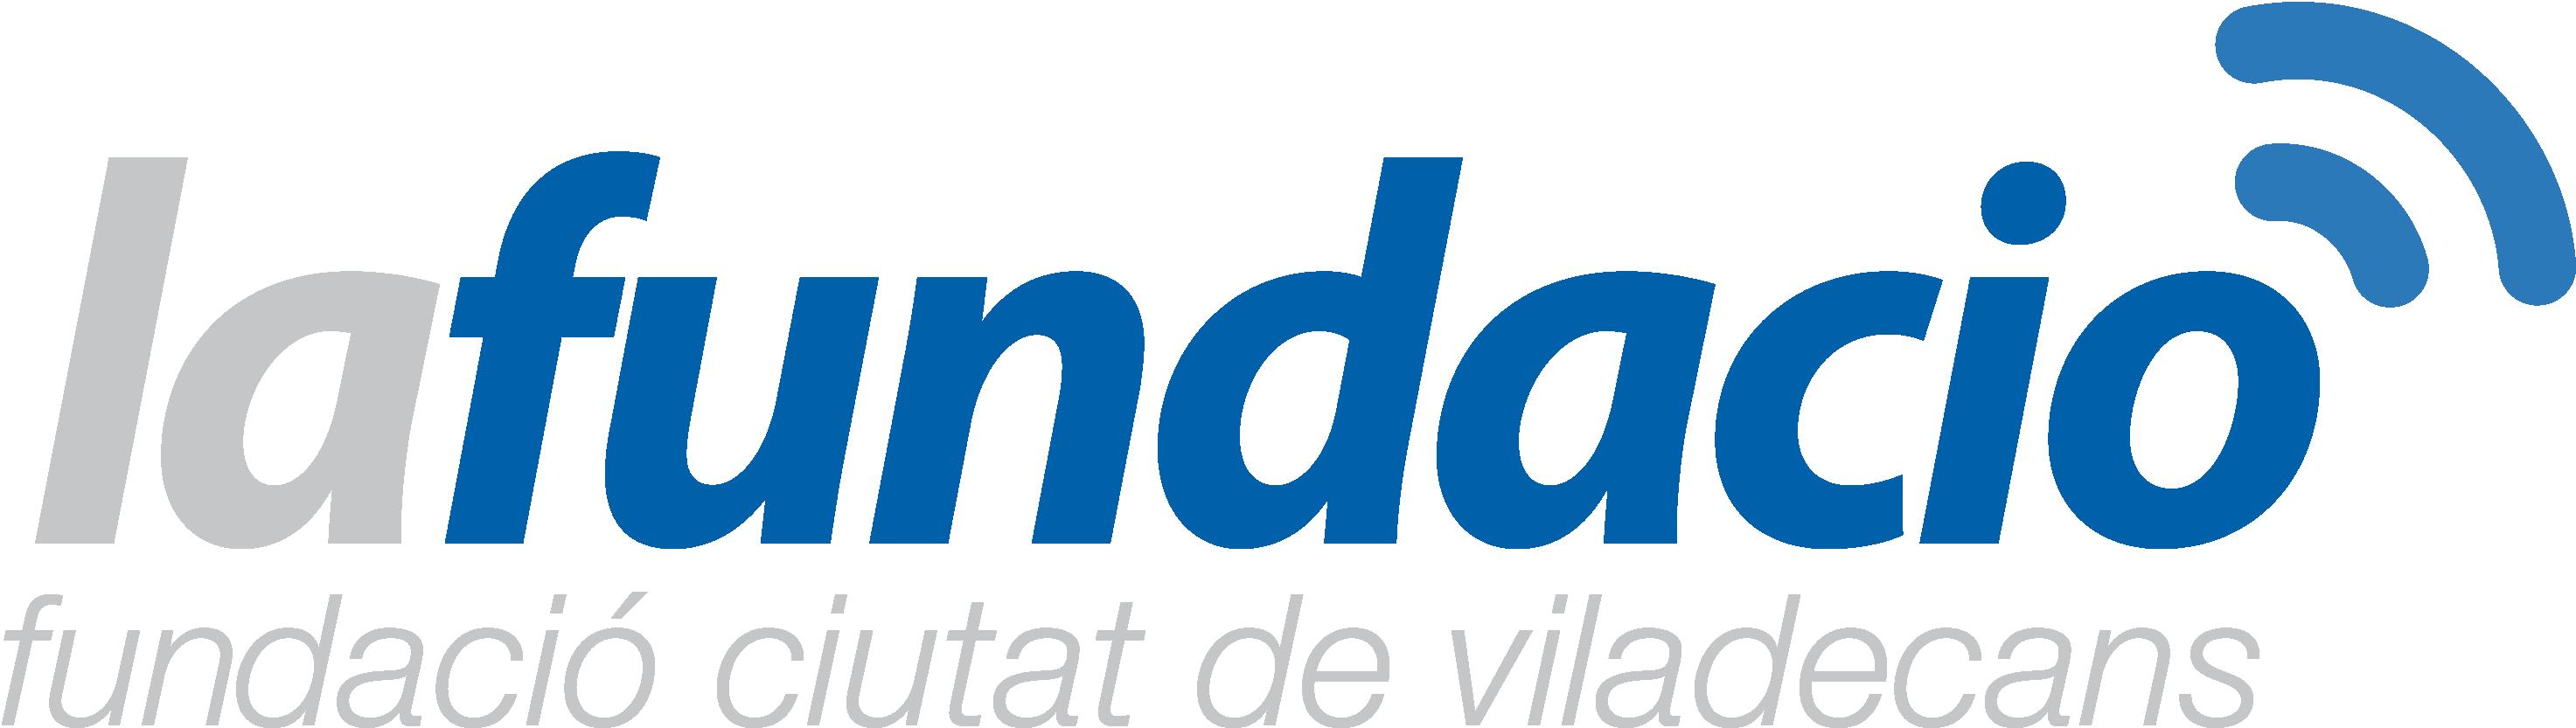 Fundació Ciutat Viladecans